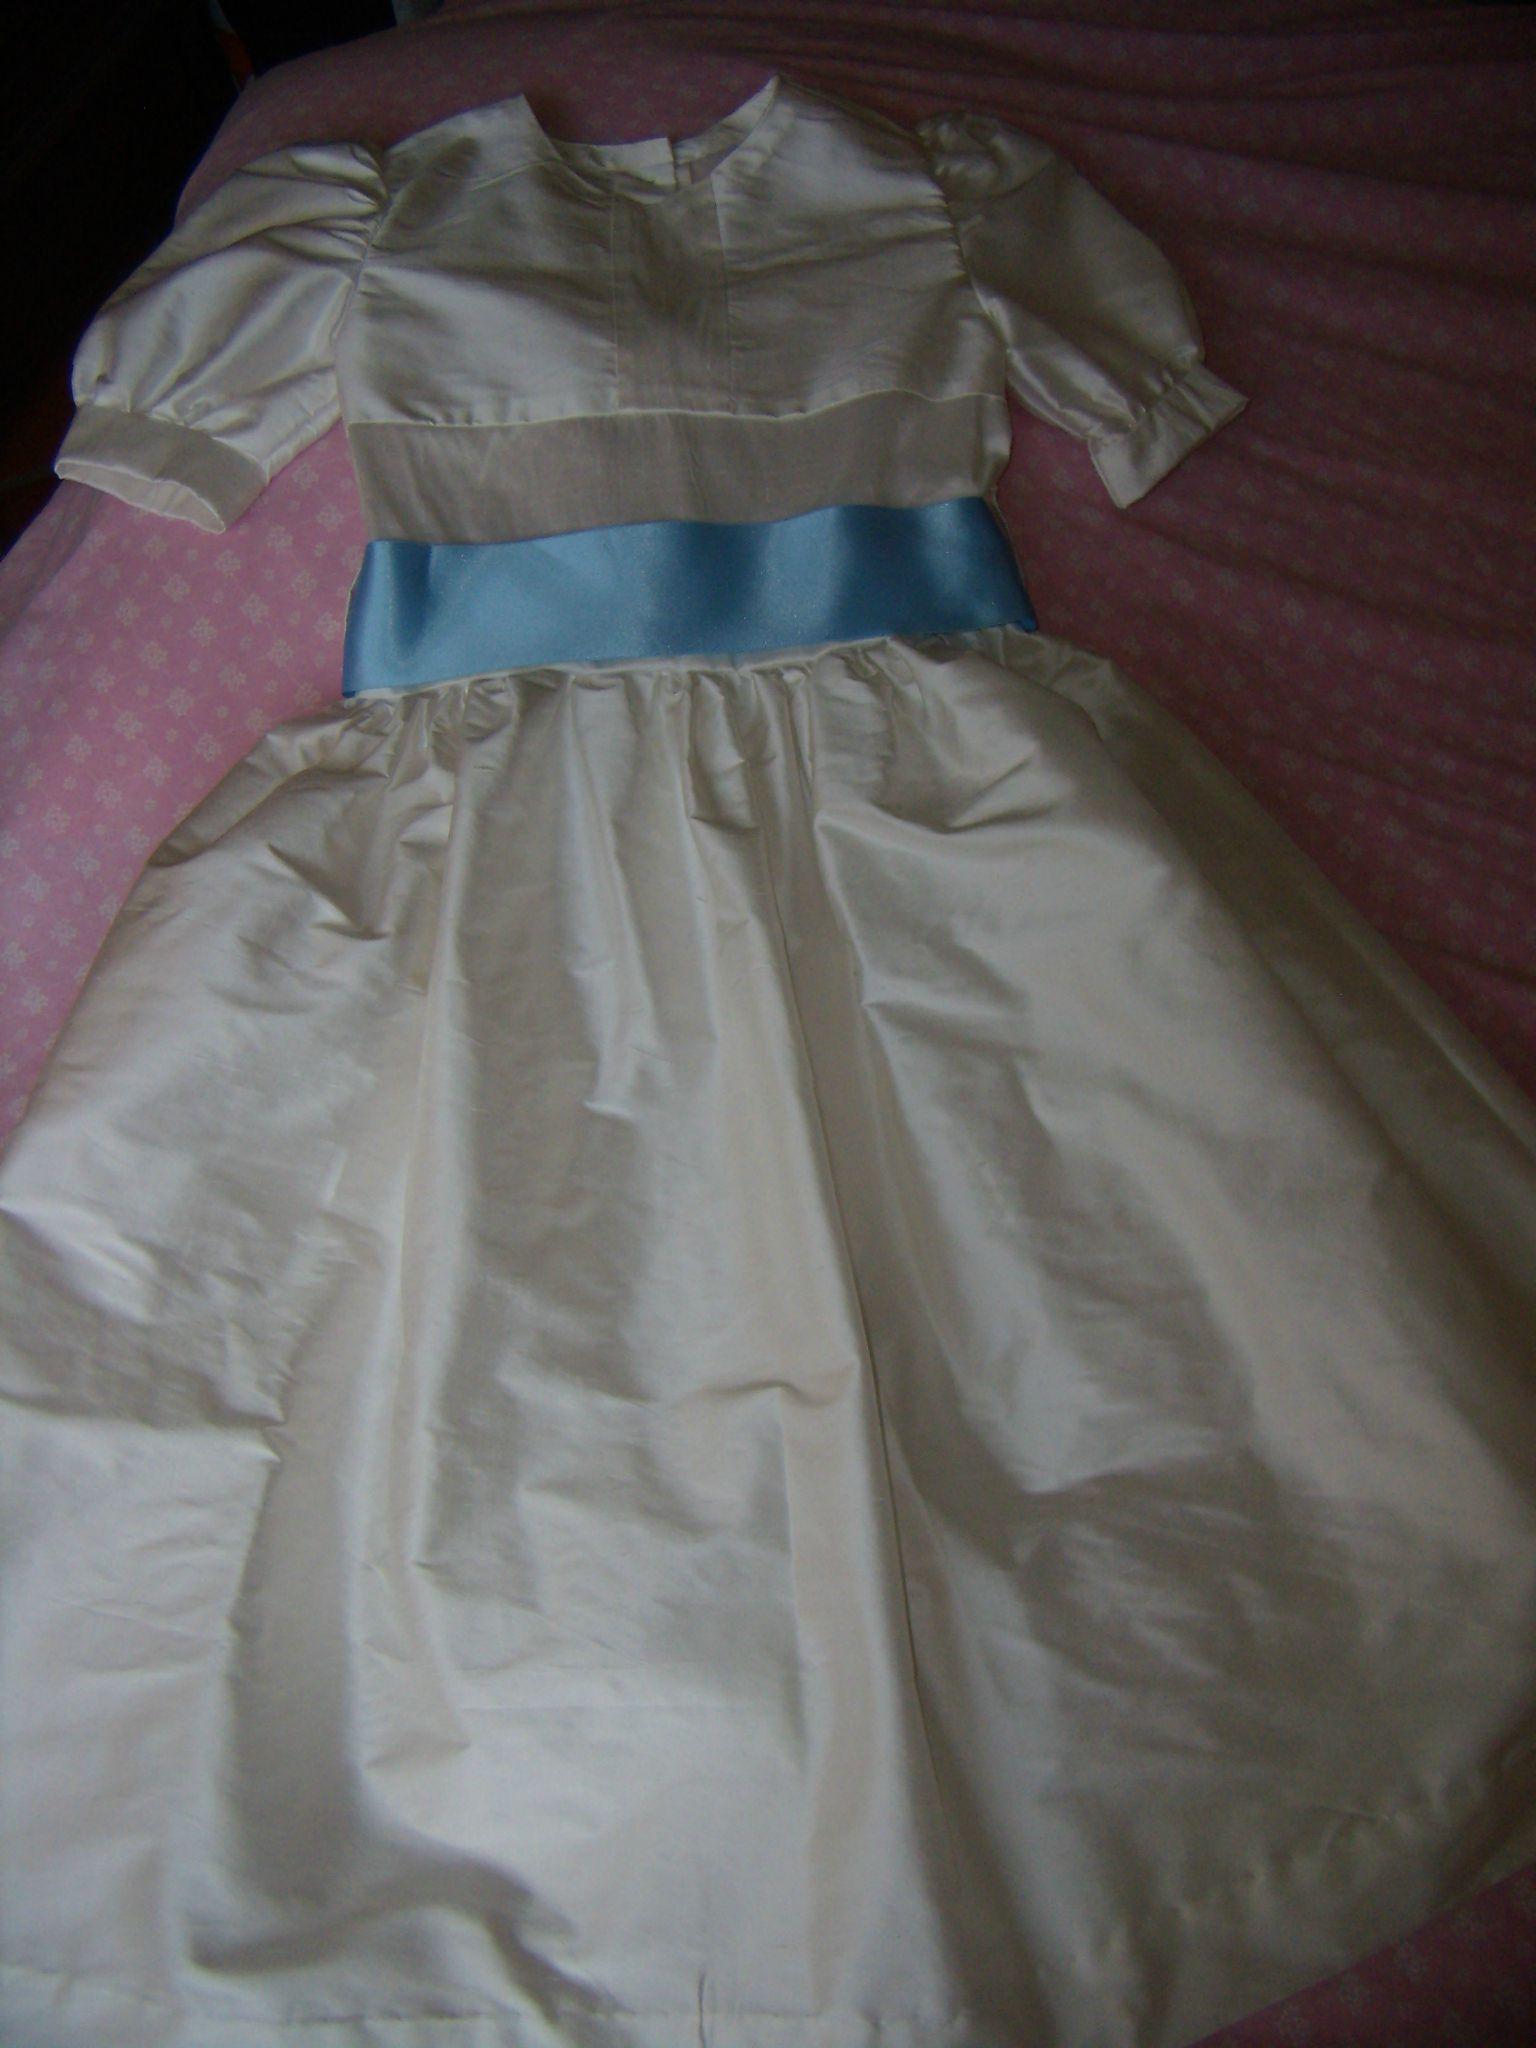 Robe en soie sauvage - 8 ans